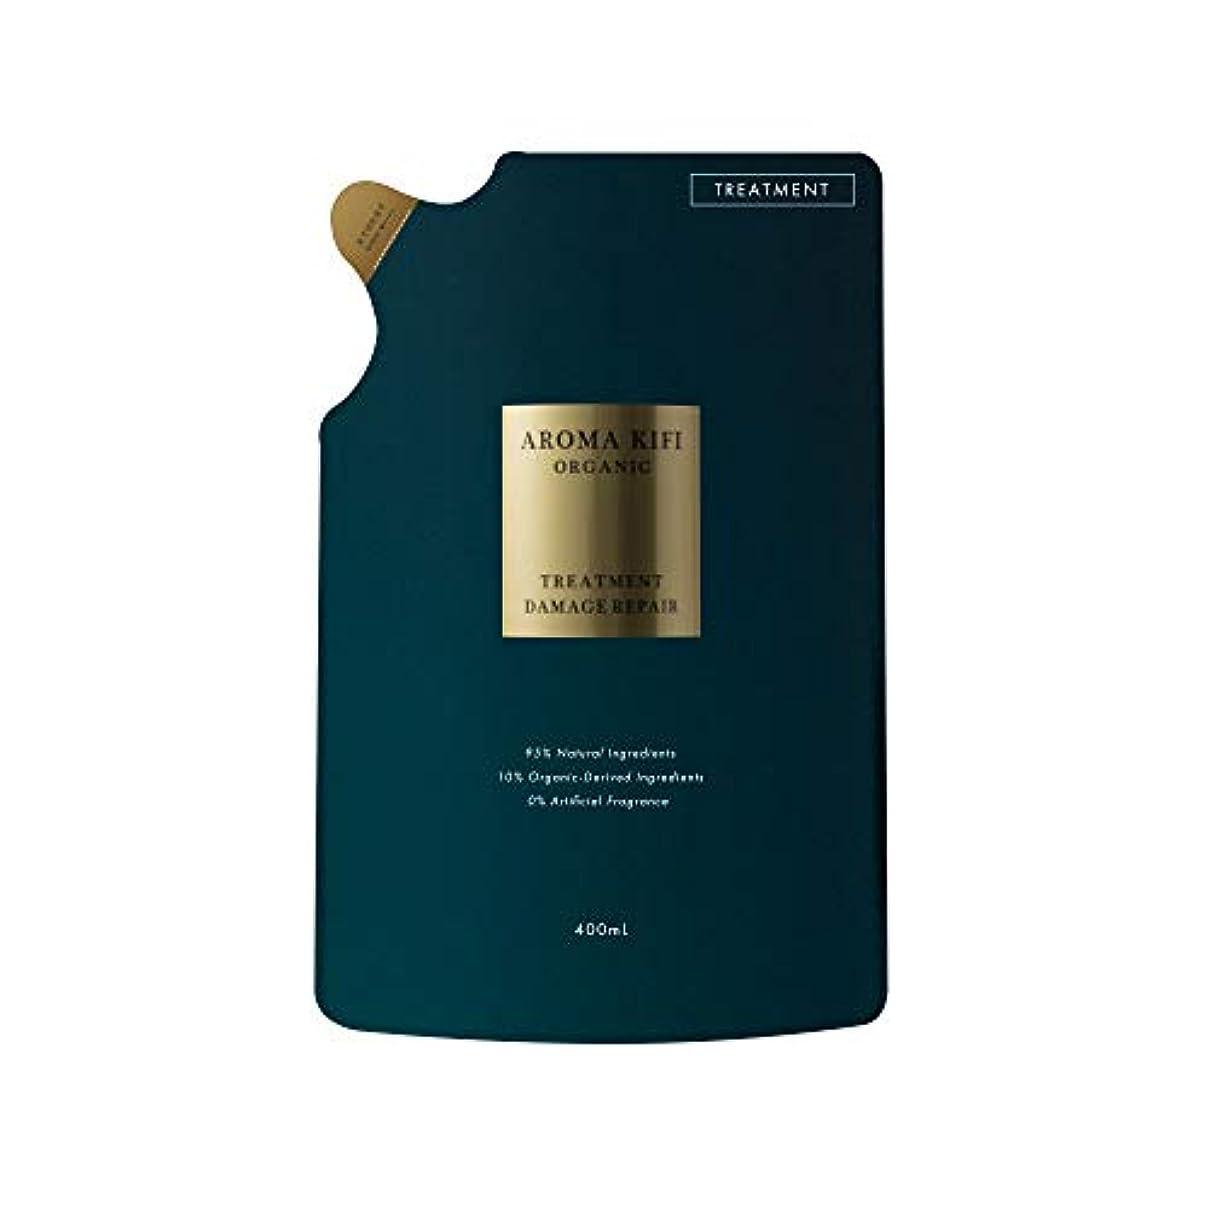 最近割り込み振る舞うアロマキフィ オーガニック トリートメント 詰替え 400ml 【ダメージリペア】サロン品質 ノンシリコン 無添加 パウダリーローズの香り